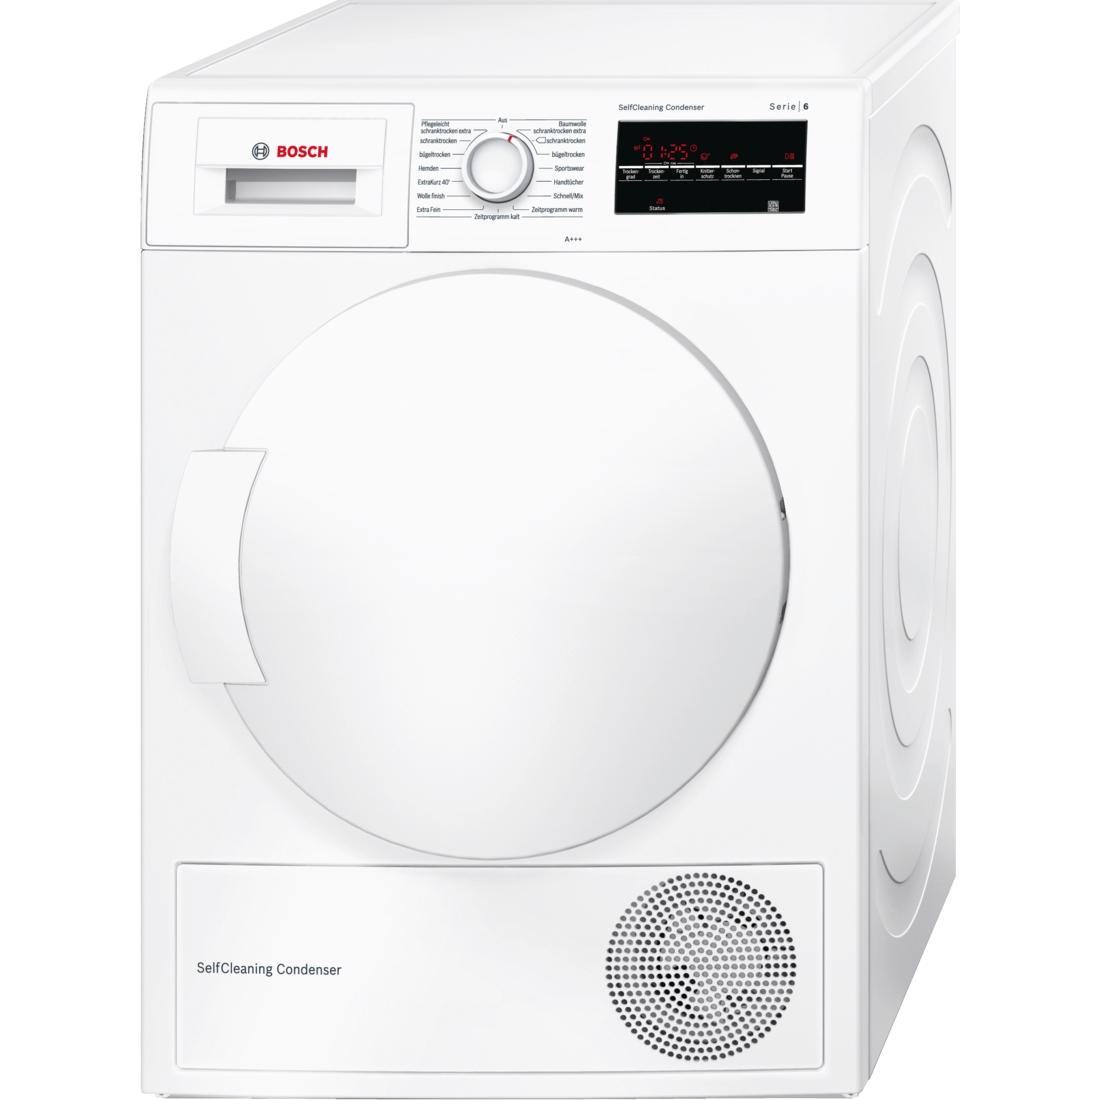 BOSCH Serie | 6 Kondensationstrockner mit Wärmepumpentechnologie (selbstreinigender Kondensator)